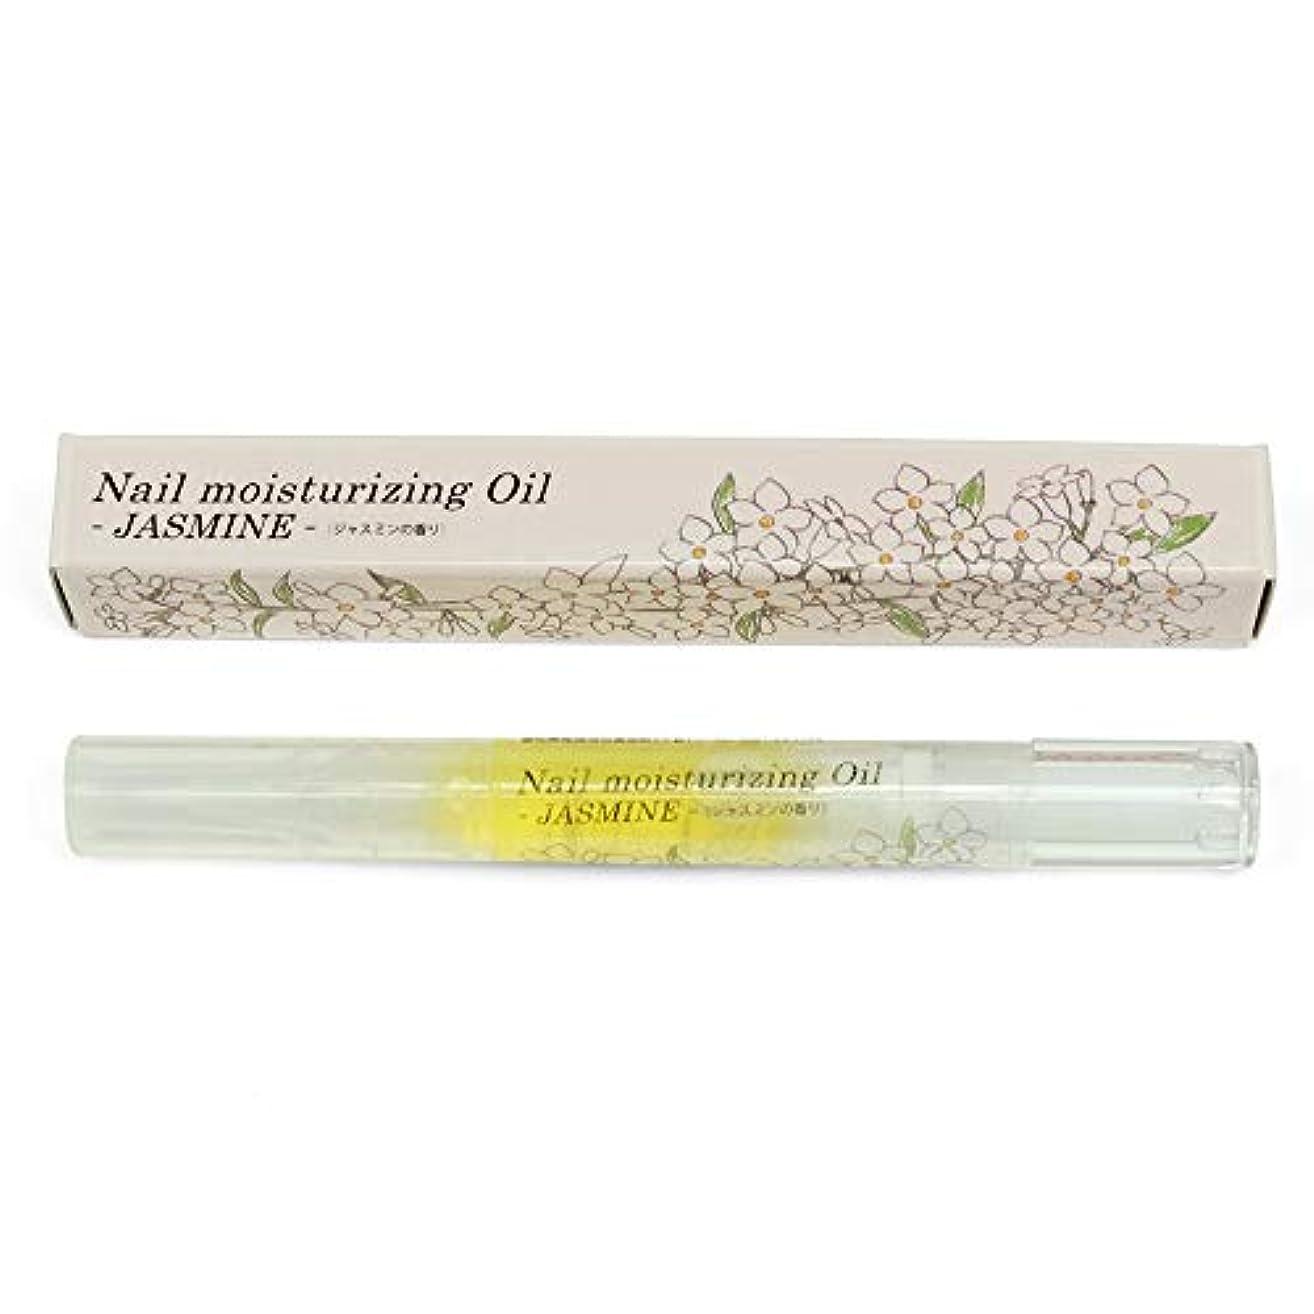 足枷寝室を掃除する風が強いease Nail moisturizing Oil ネイルオイルペン(ジャスミンの香り) 2ml